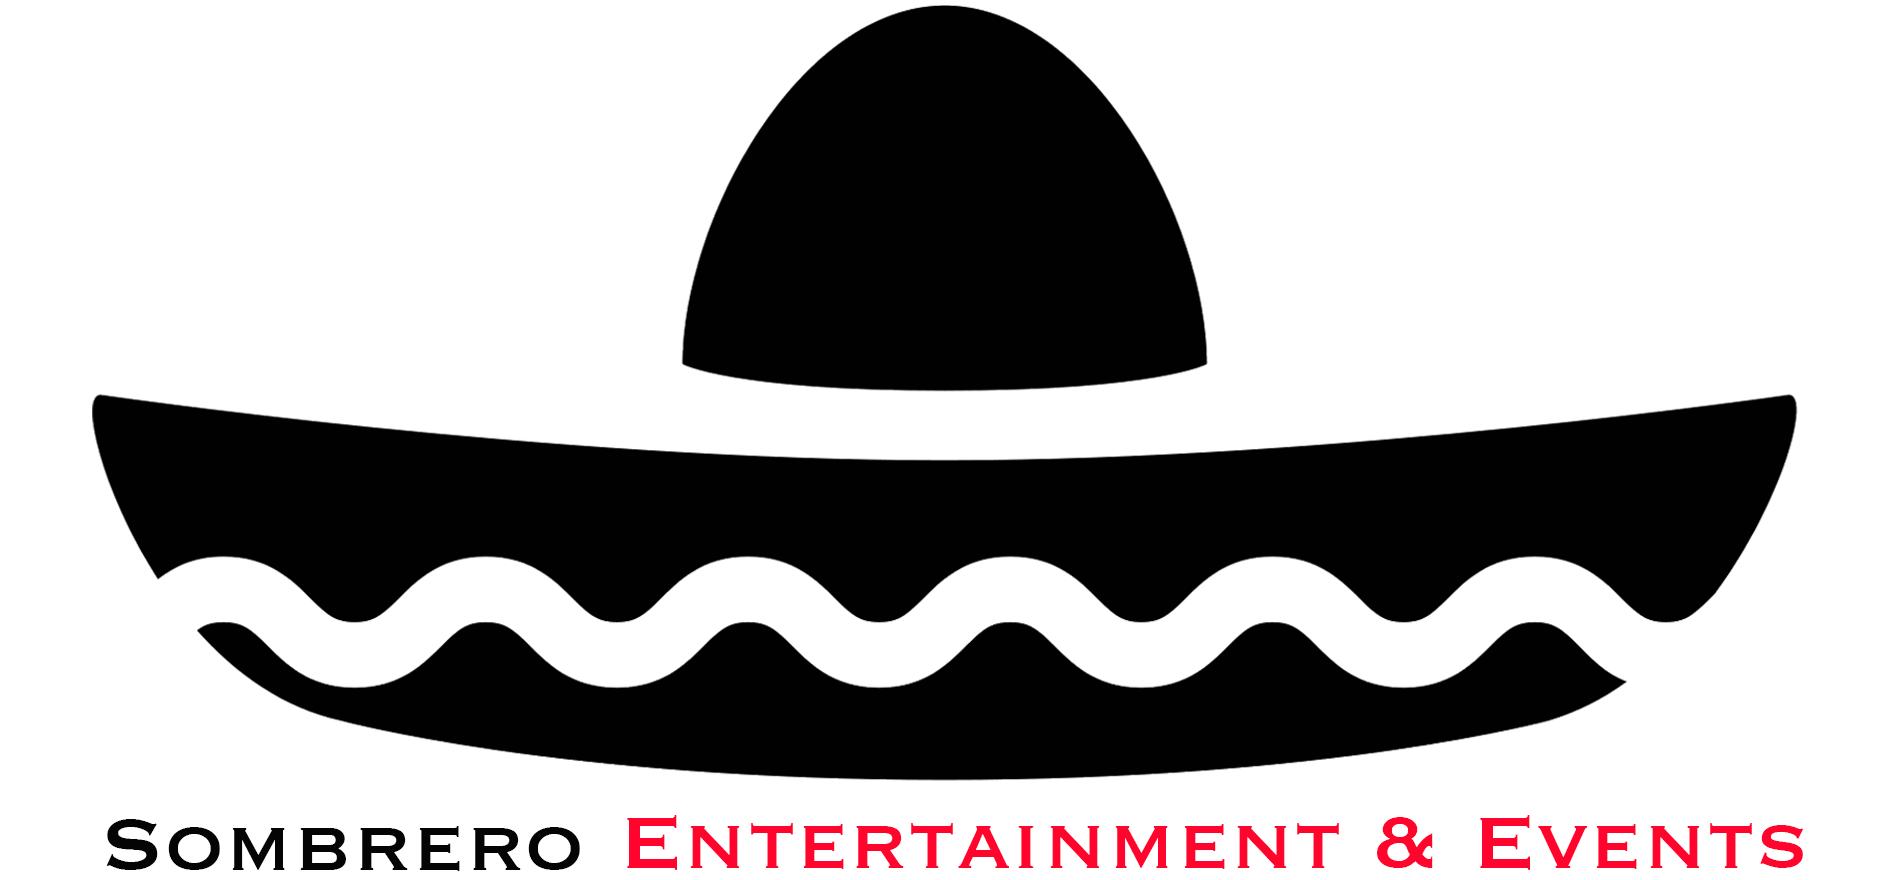 Sombrero Entertainment & Events